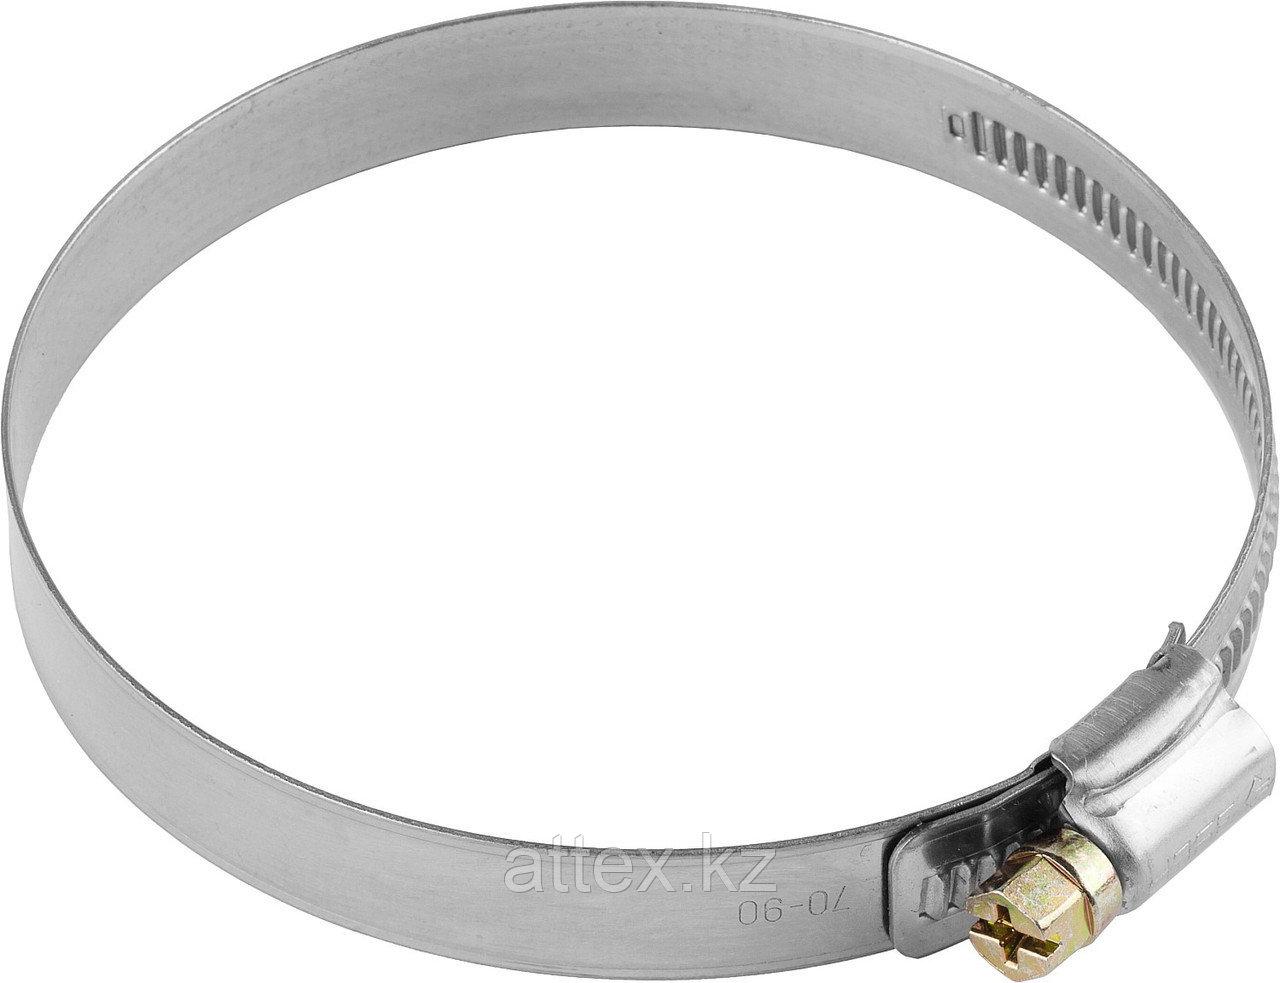 Хомуты, нерж. сталь, накатная лента 12 мм, 80-100 мм, 50 шт, ЗУБР Профессионал 37822-80-100-50